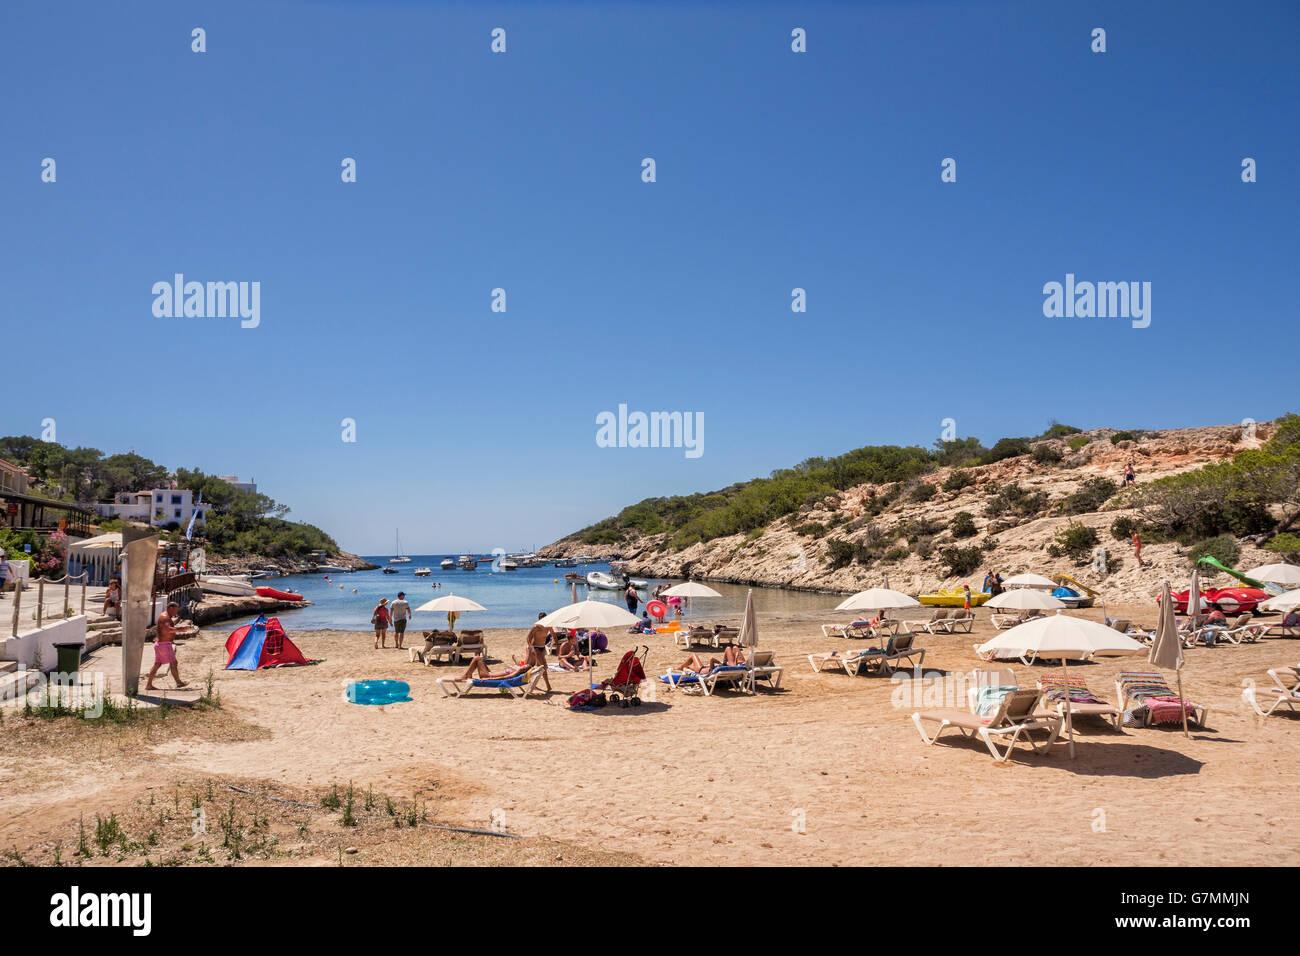 La playa de Portinatx, Ibiza, España. Imagen De Stock